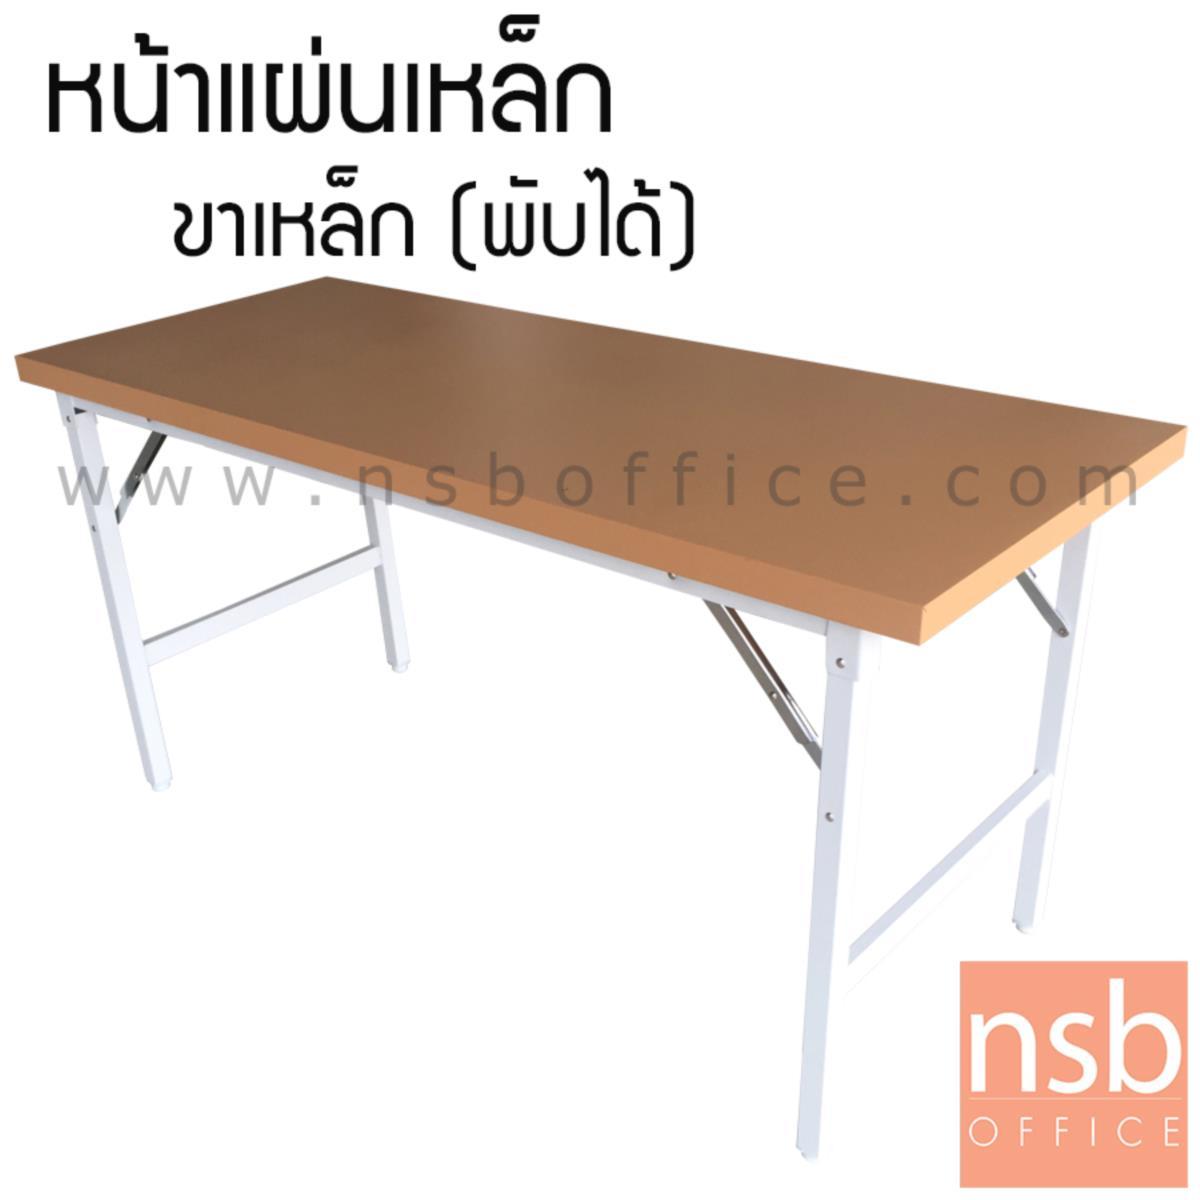 E31A029:โต๊ะพับหน้าเหล็ก รุ่น FGS-60150(-180) 150W ,180W cm. ขาเหล็กชุบโครเมียม